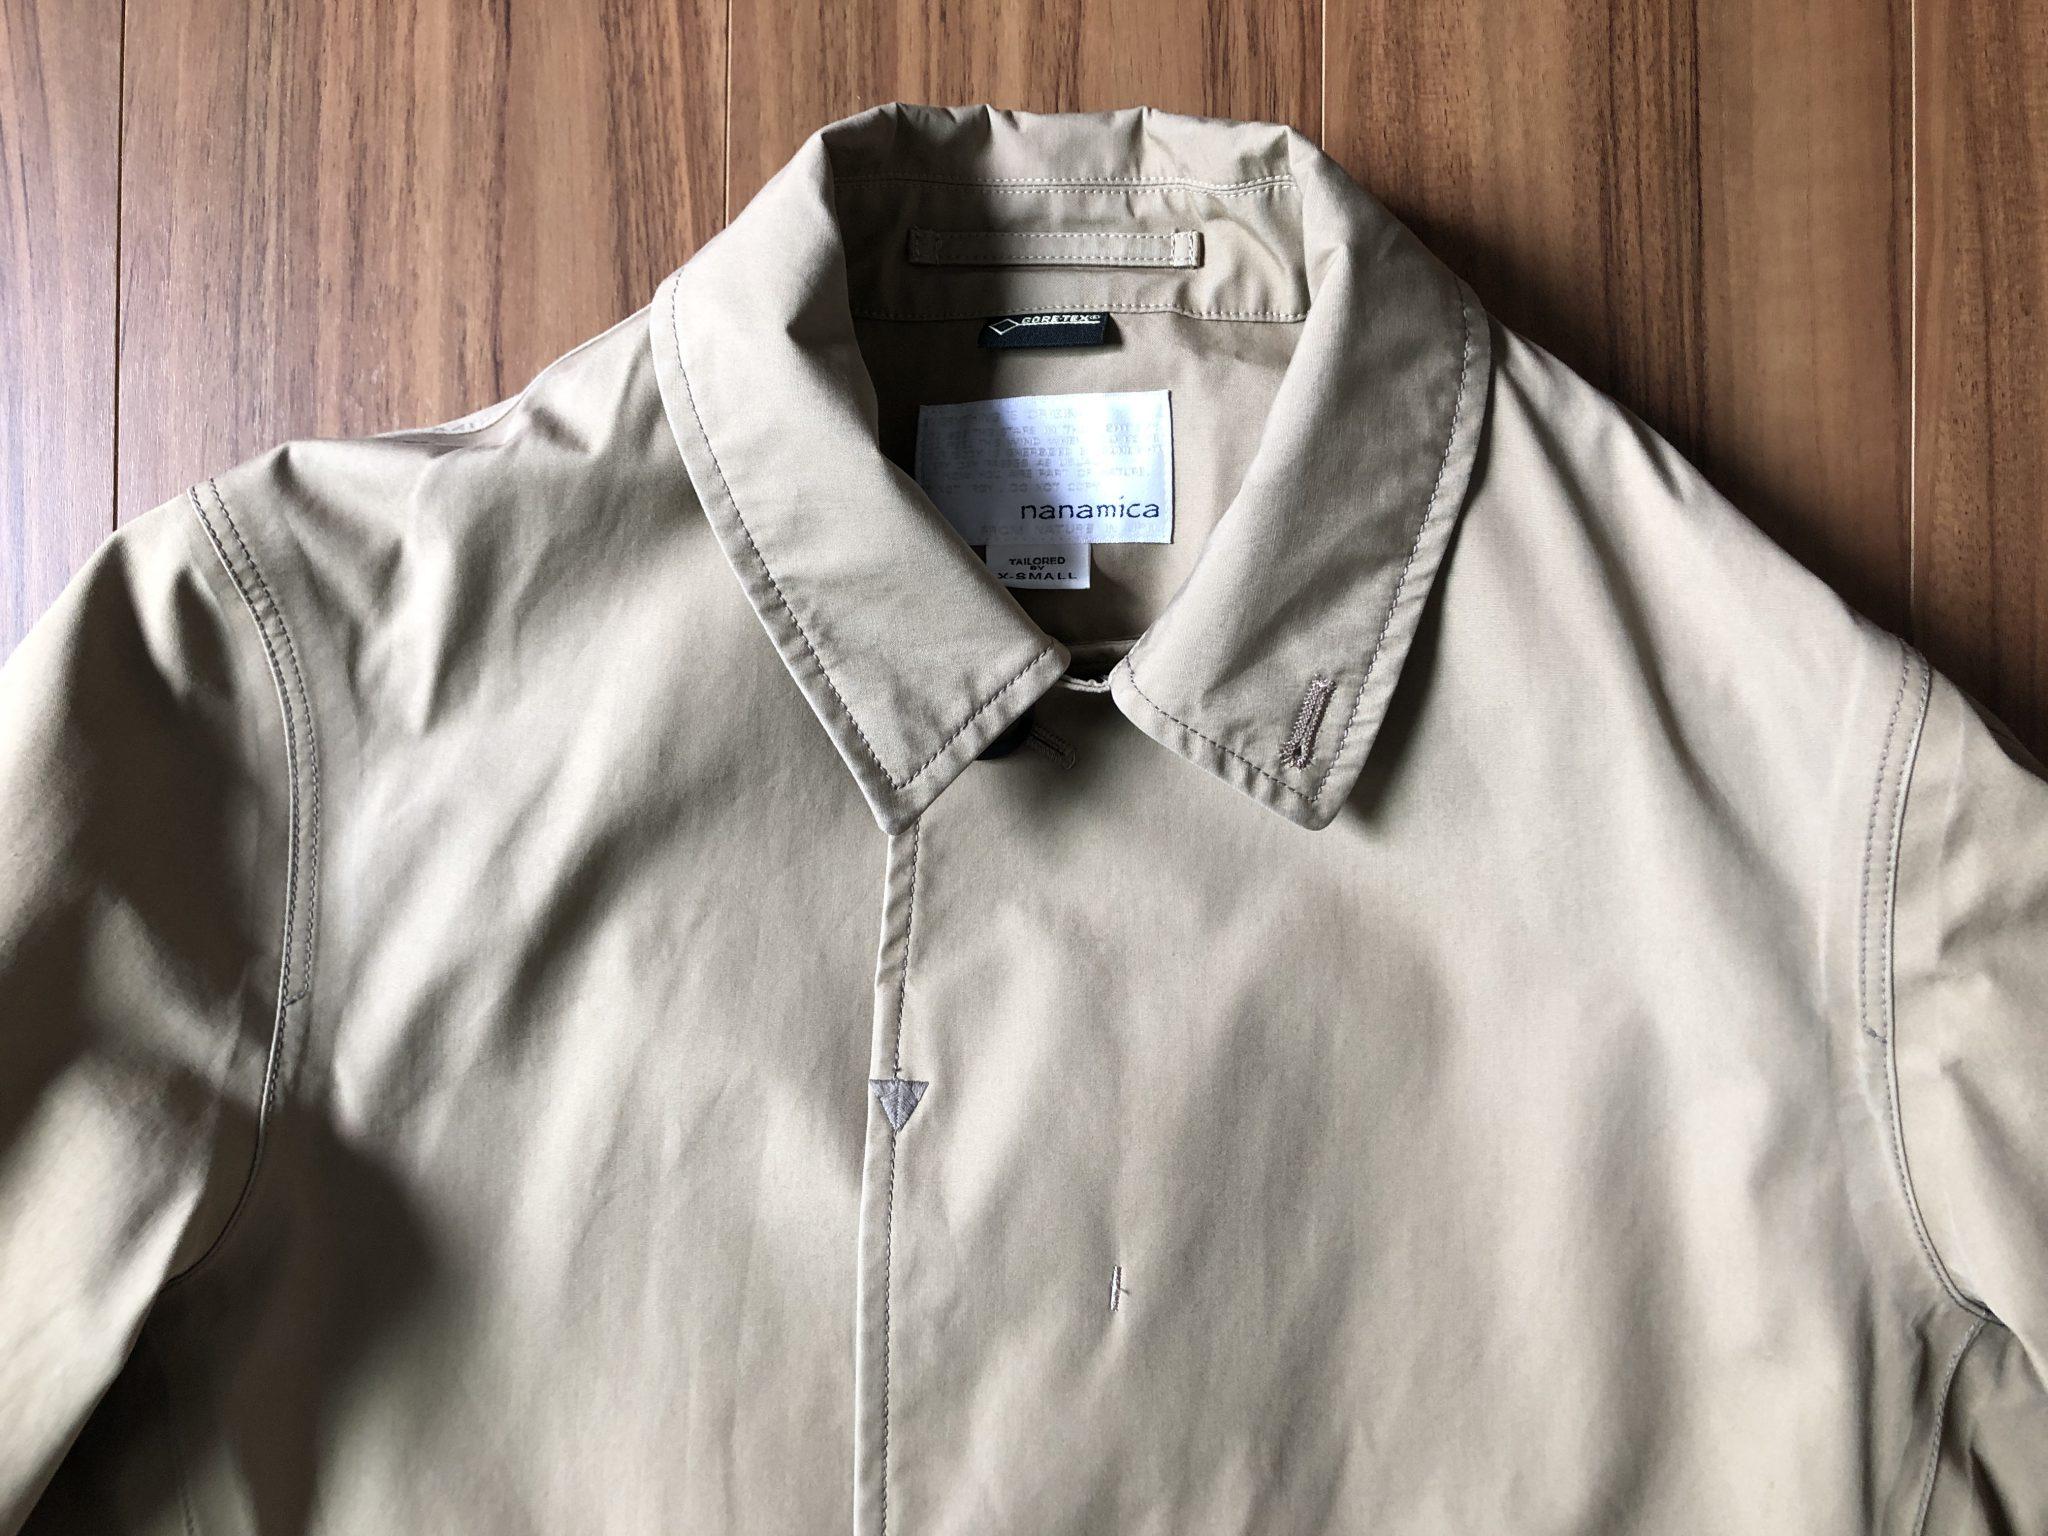 ナナミカ コットンゴアテックス nanamica GORE-TEX クルーザージャケット エイジング 経年変化 ステンカラーコート ベージュ 半年 胸元